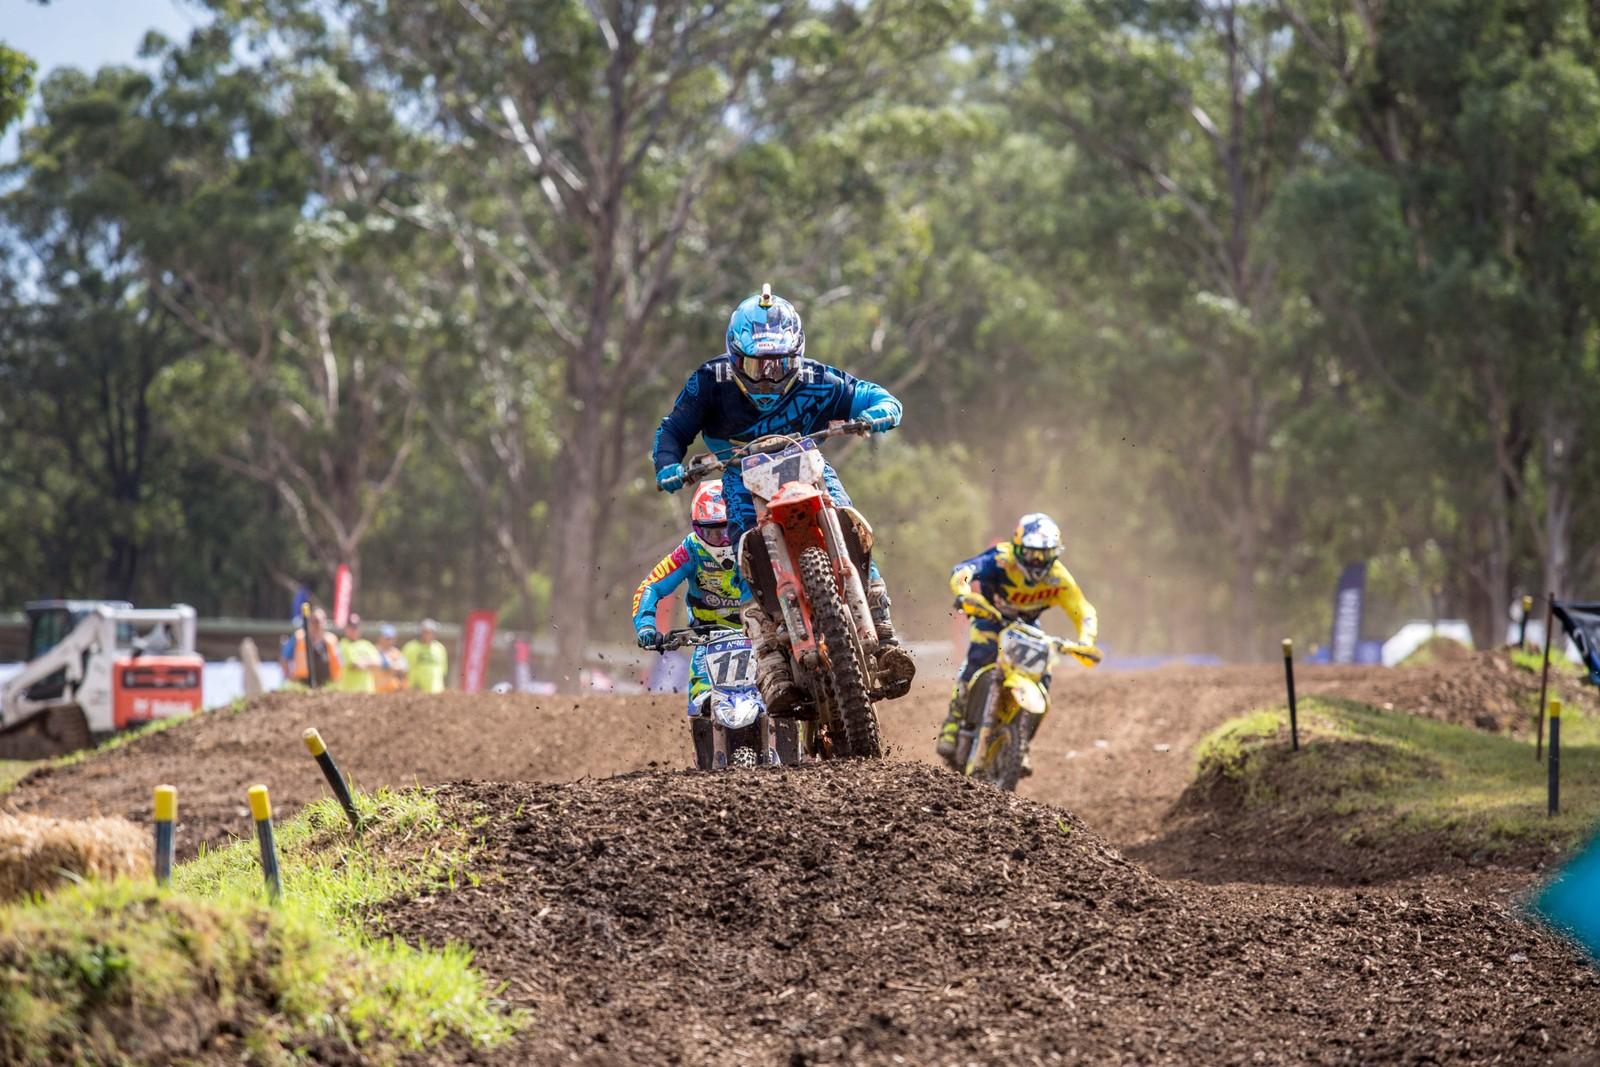 Kirk Gibbs - Australian Motul Motocross Nationals Round 2, Appin - Motocross Pictures - Vital MX